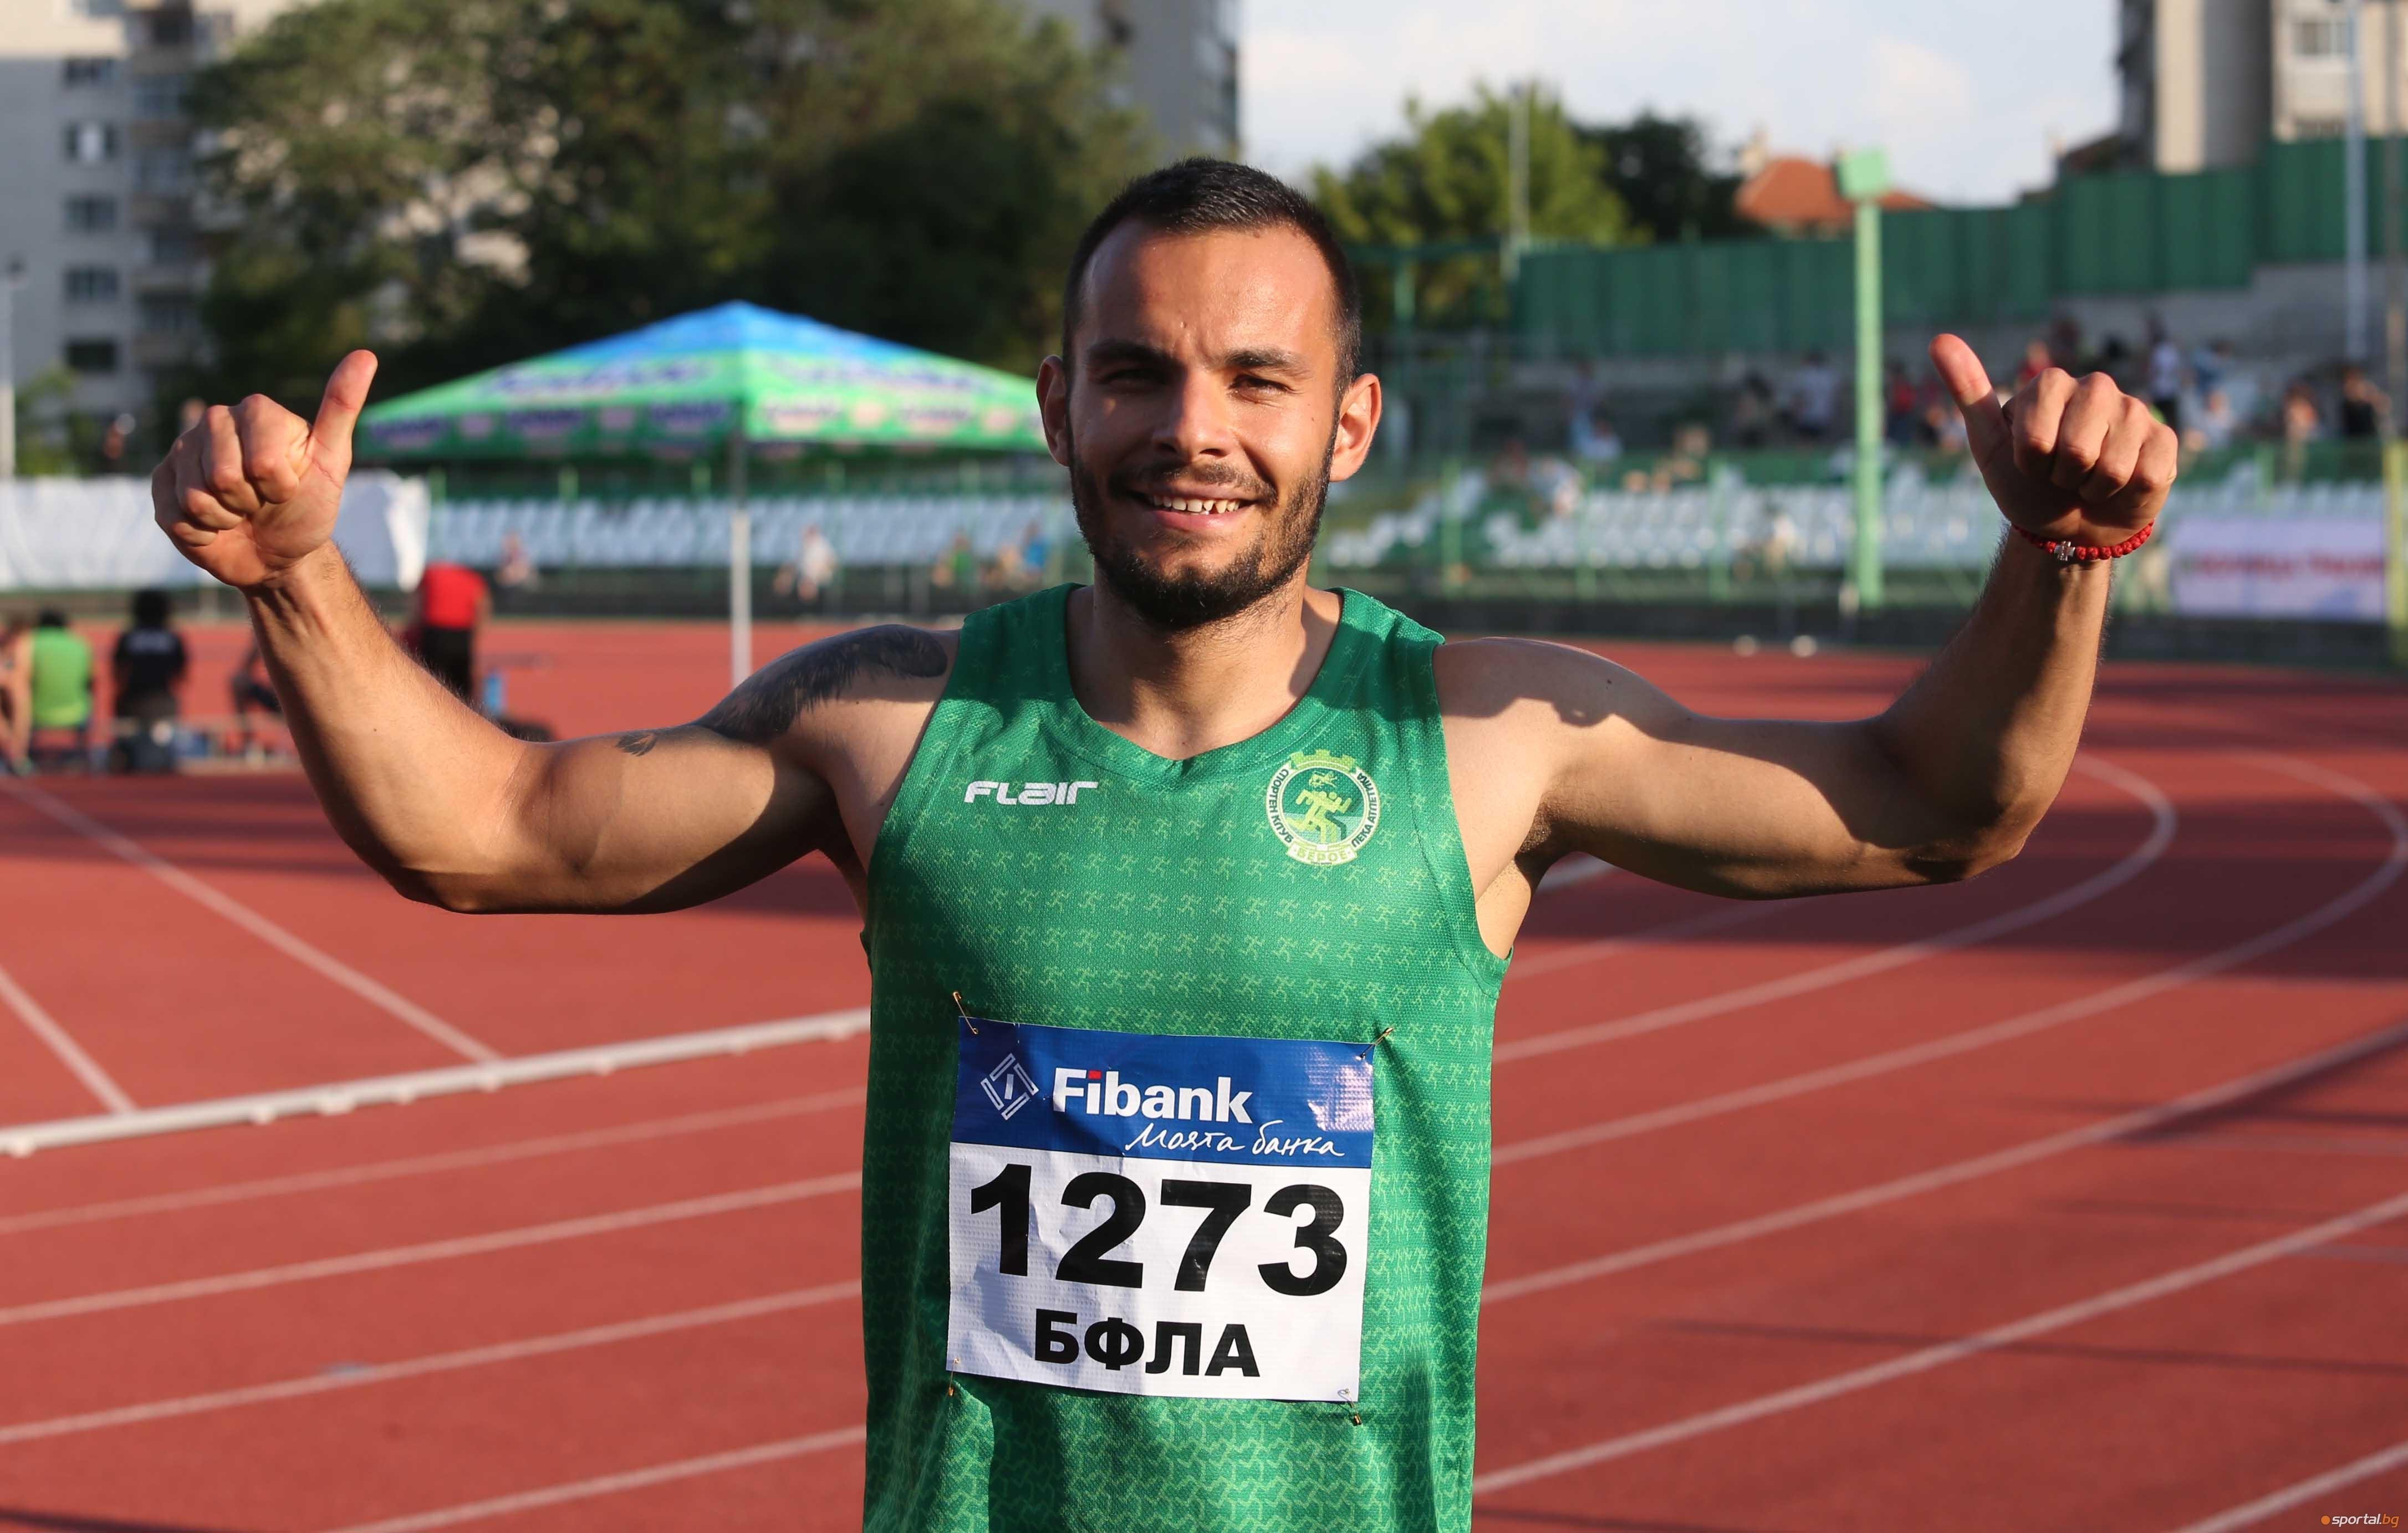 Денис Димитров спечели спринта на 100 метра на международния атлетически